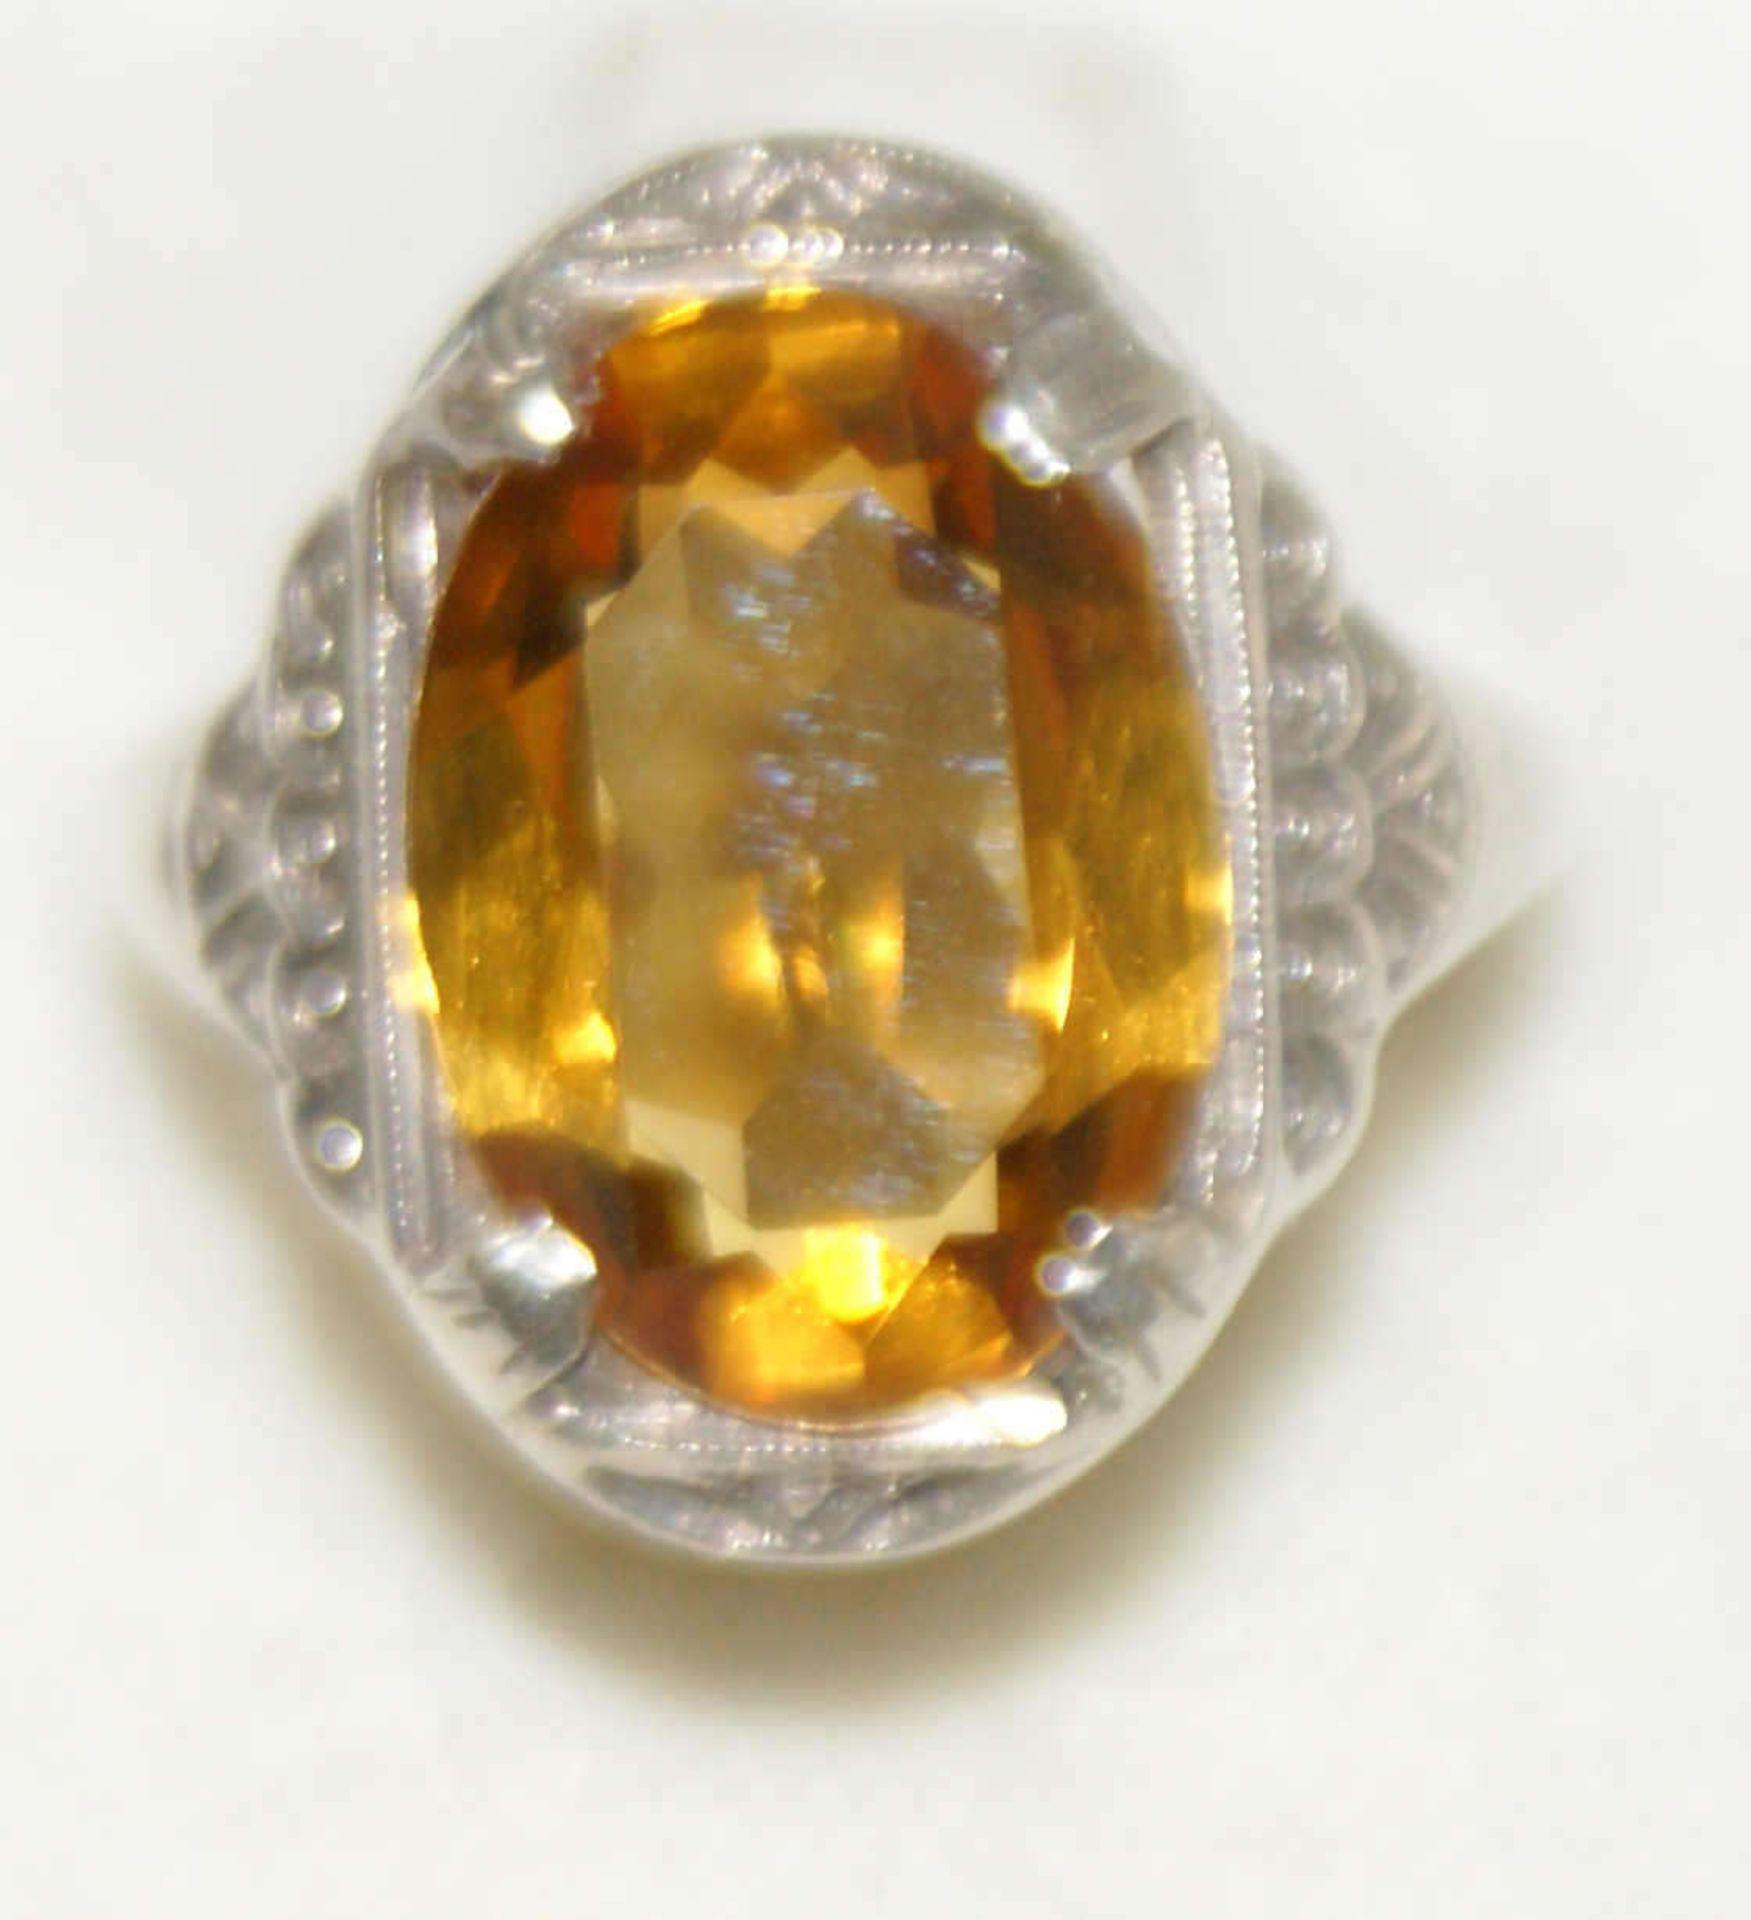 Damenring, 835er Silber, 1930er Jahre, besetzt mit 1 Citrin, Ringgröße 51. Gewicht ca.